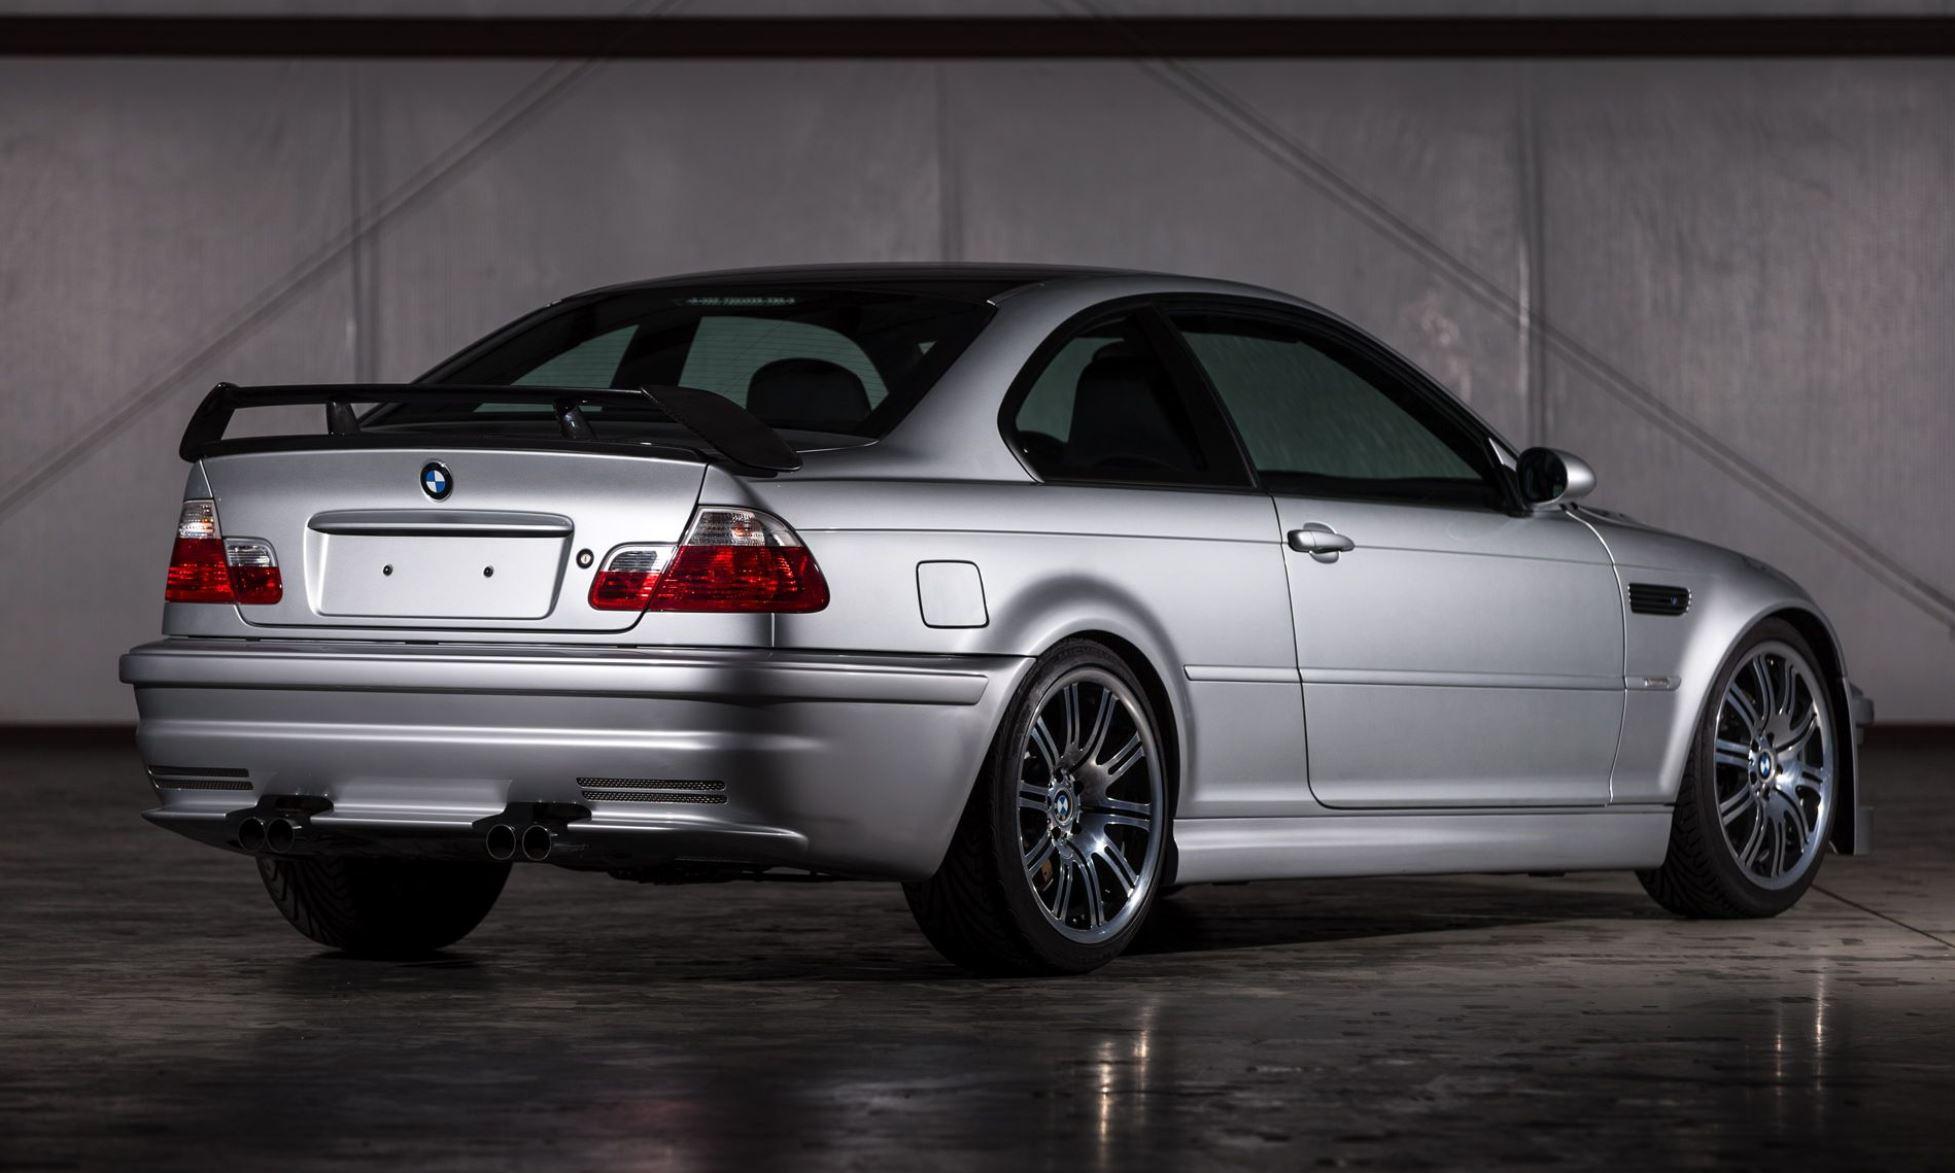 BMW M3 GTR rear